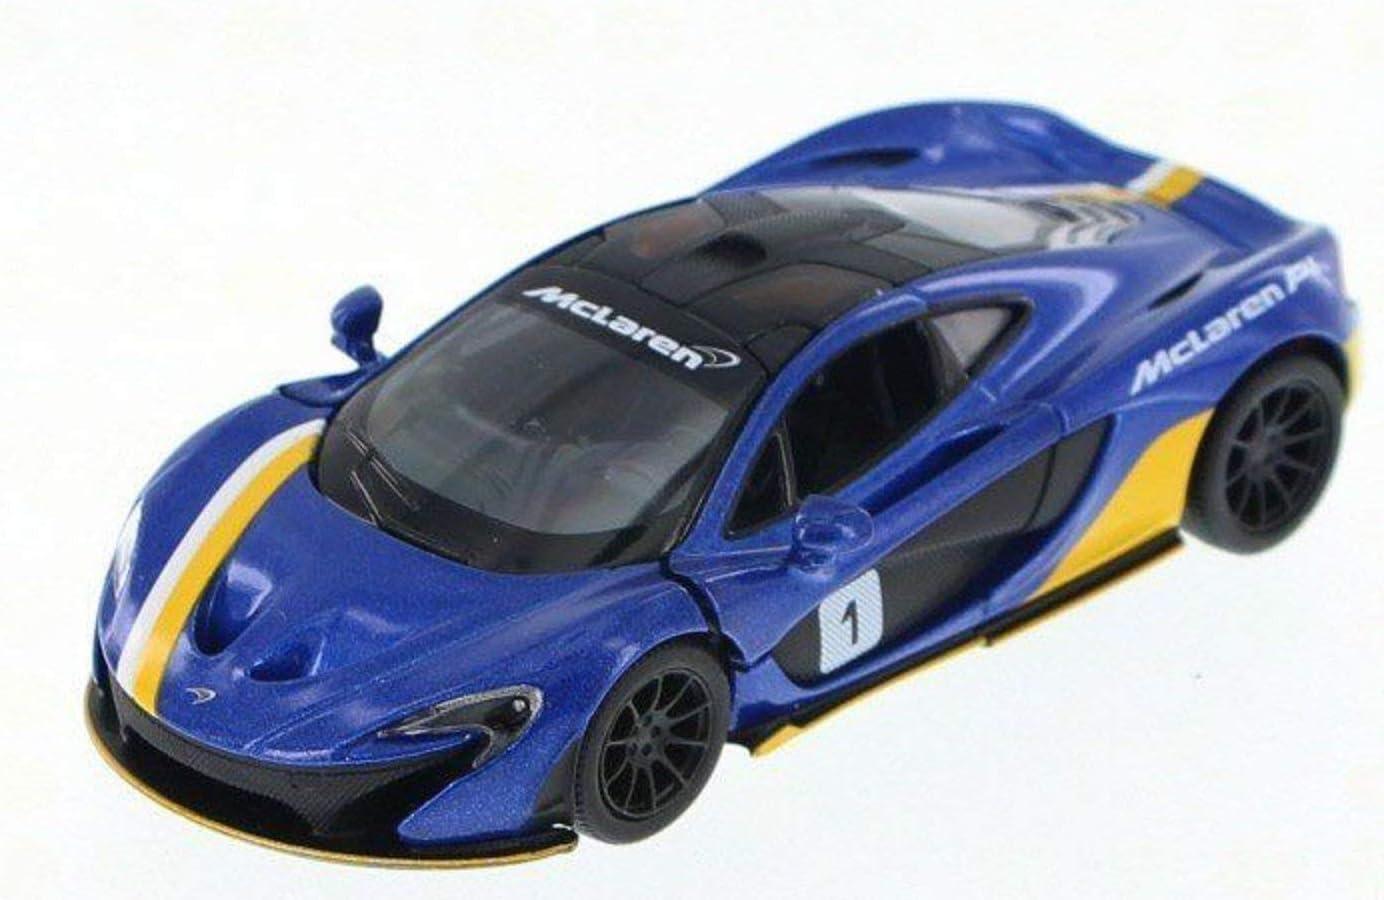 12.5cm M/étal moul/é sous Pression Bleu M/étallique D/écor de Course ouvrant des Portes Pullback Go Superpower Kinsmart Voiture de Collection McLaren P1 /à l/échelle 1:36